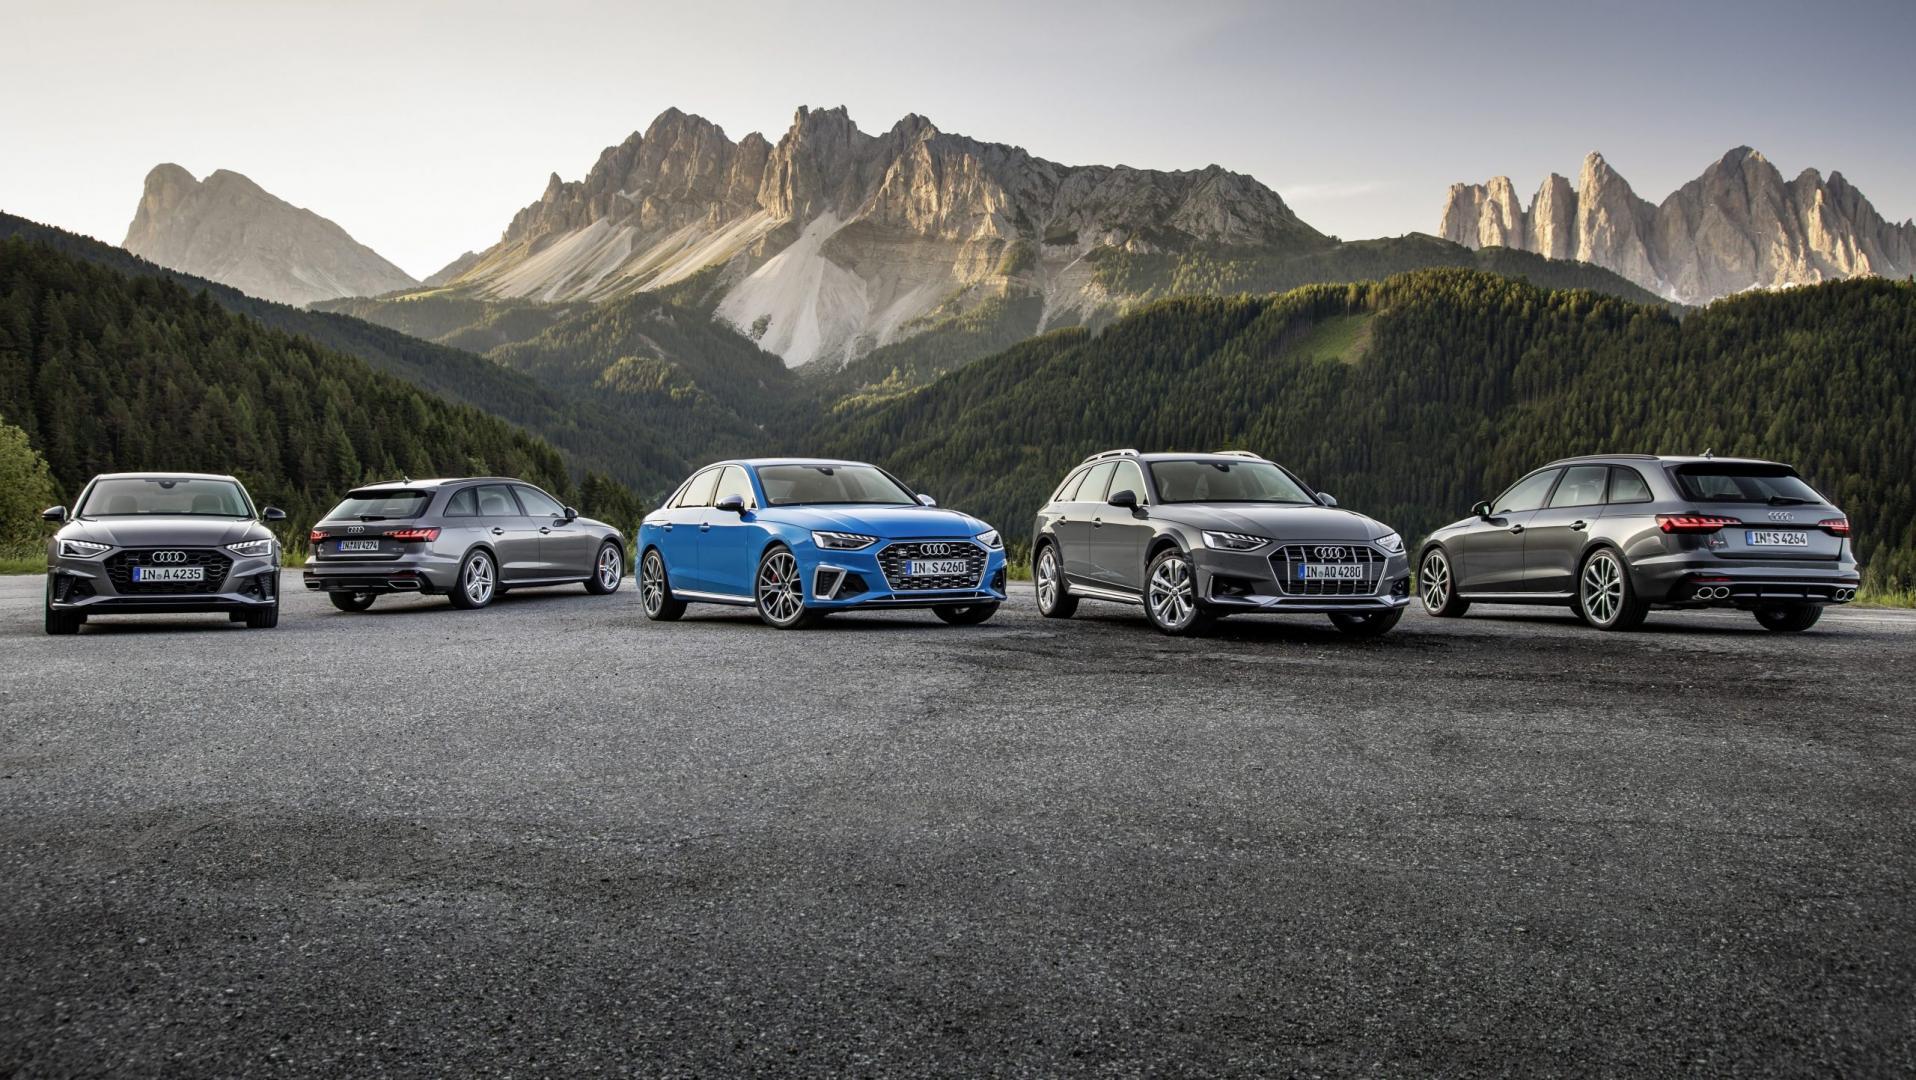 Audi A4 line-up